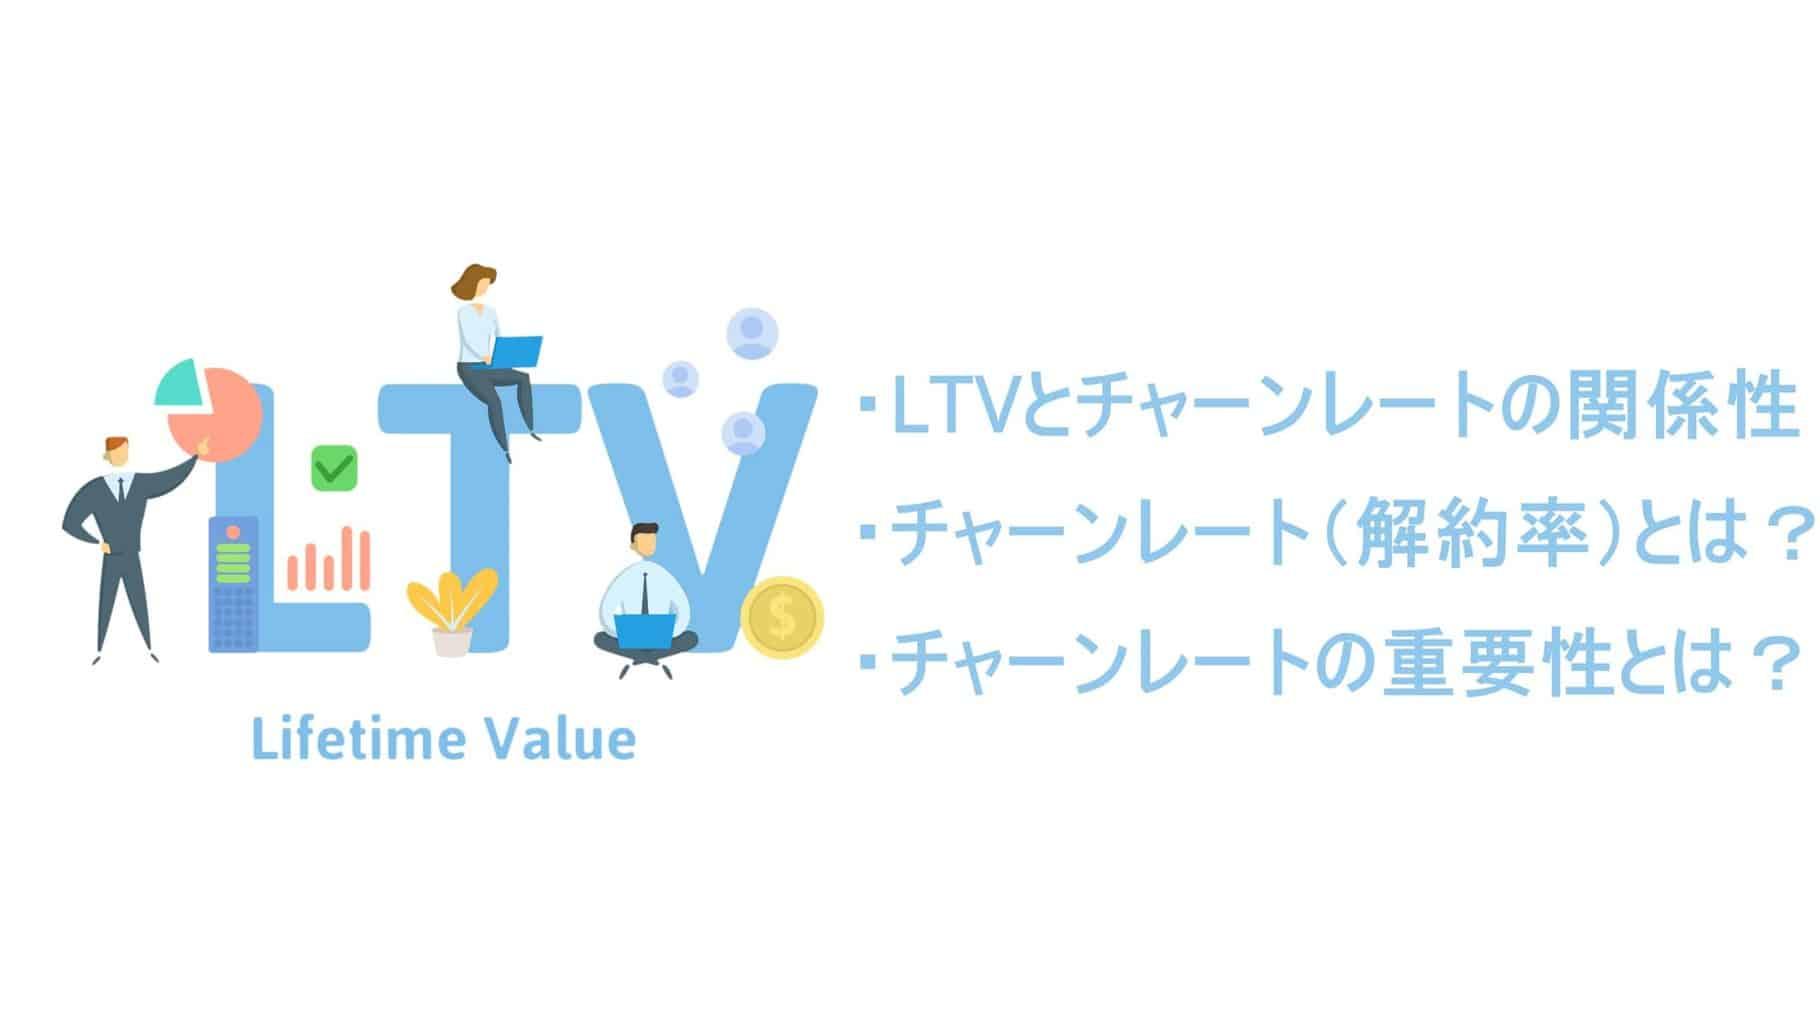 LTVとチャーンレート(解約率)の関係とは?計算方法や重要視される理由なども紹介!